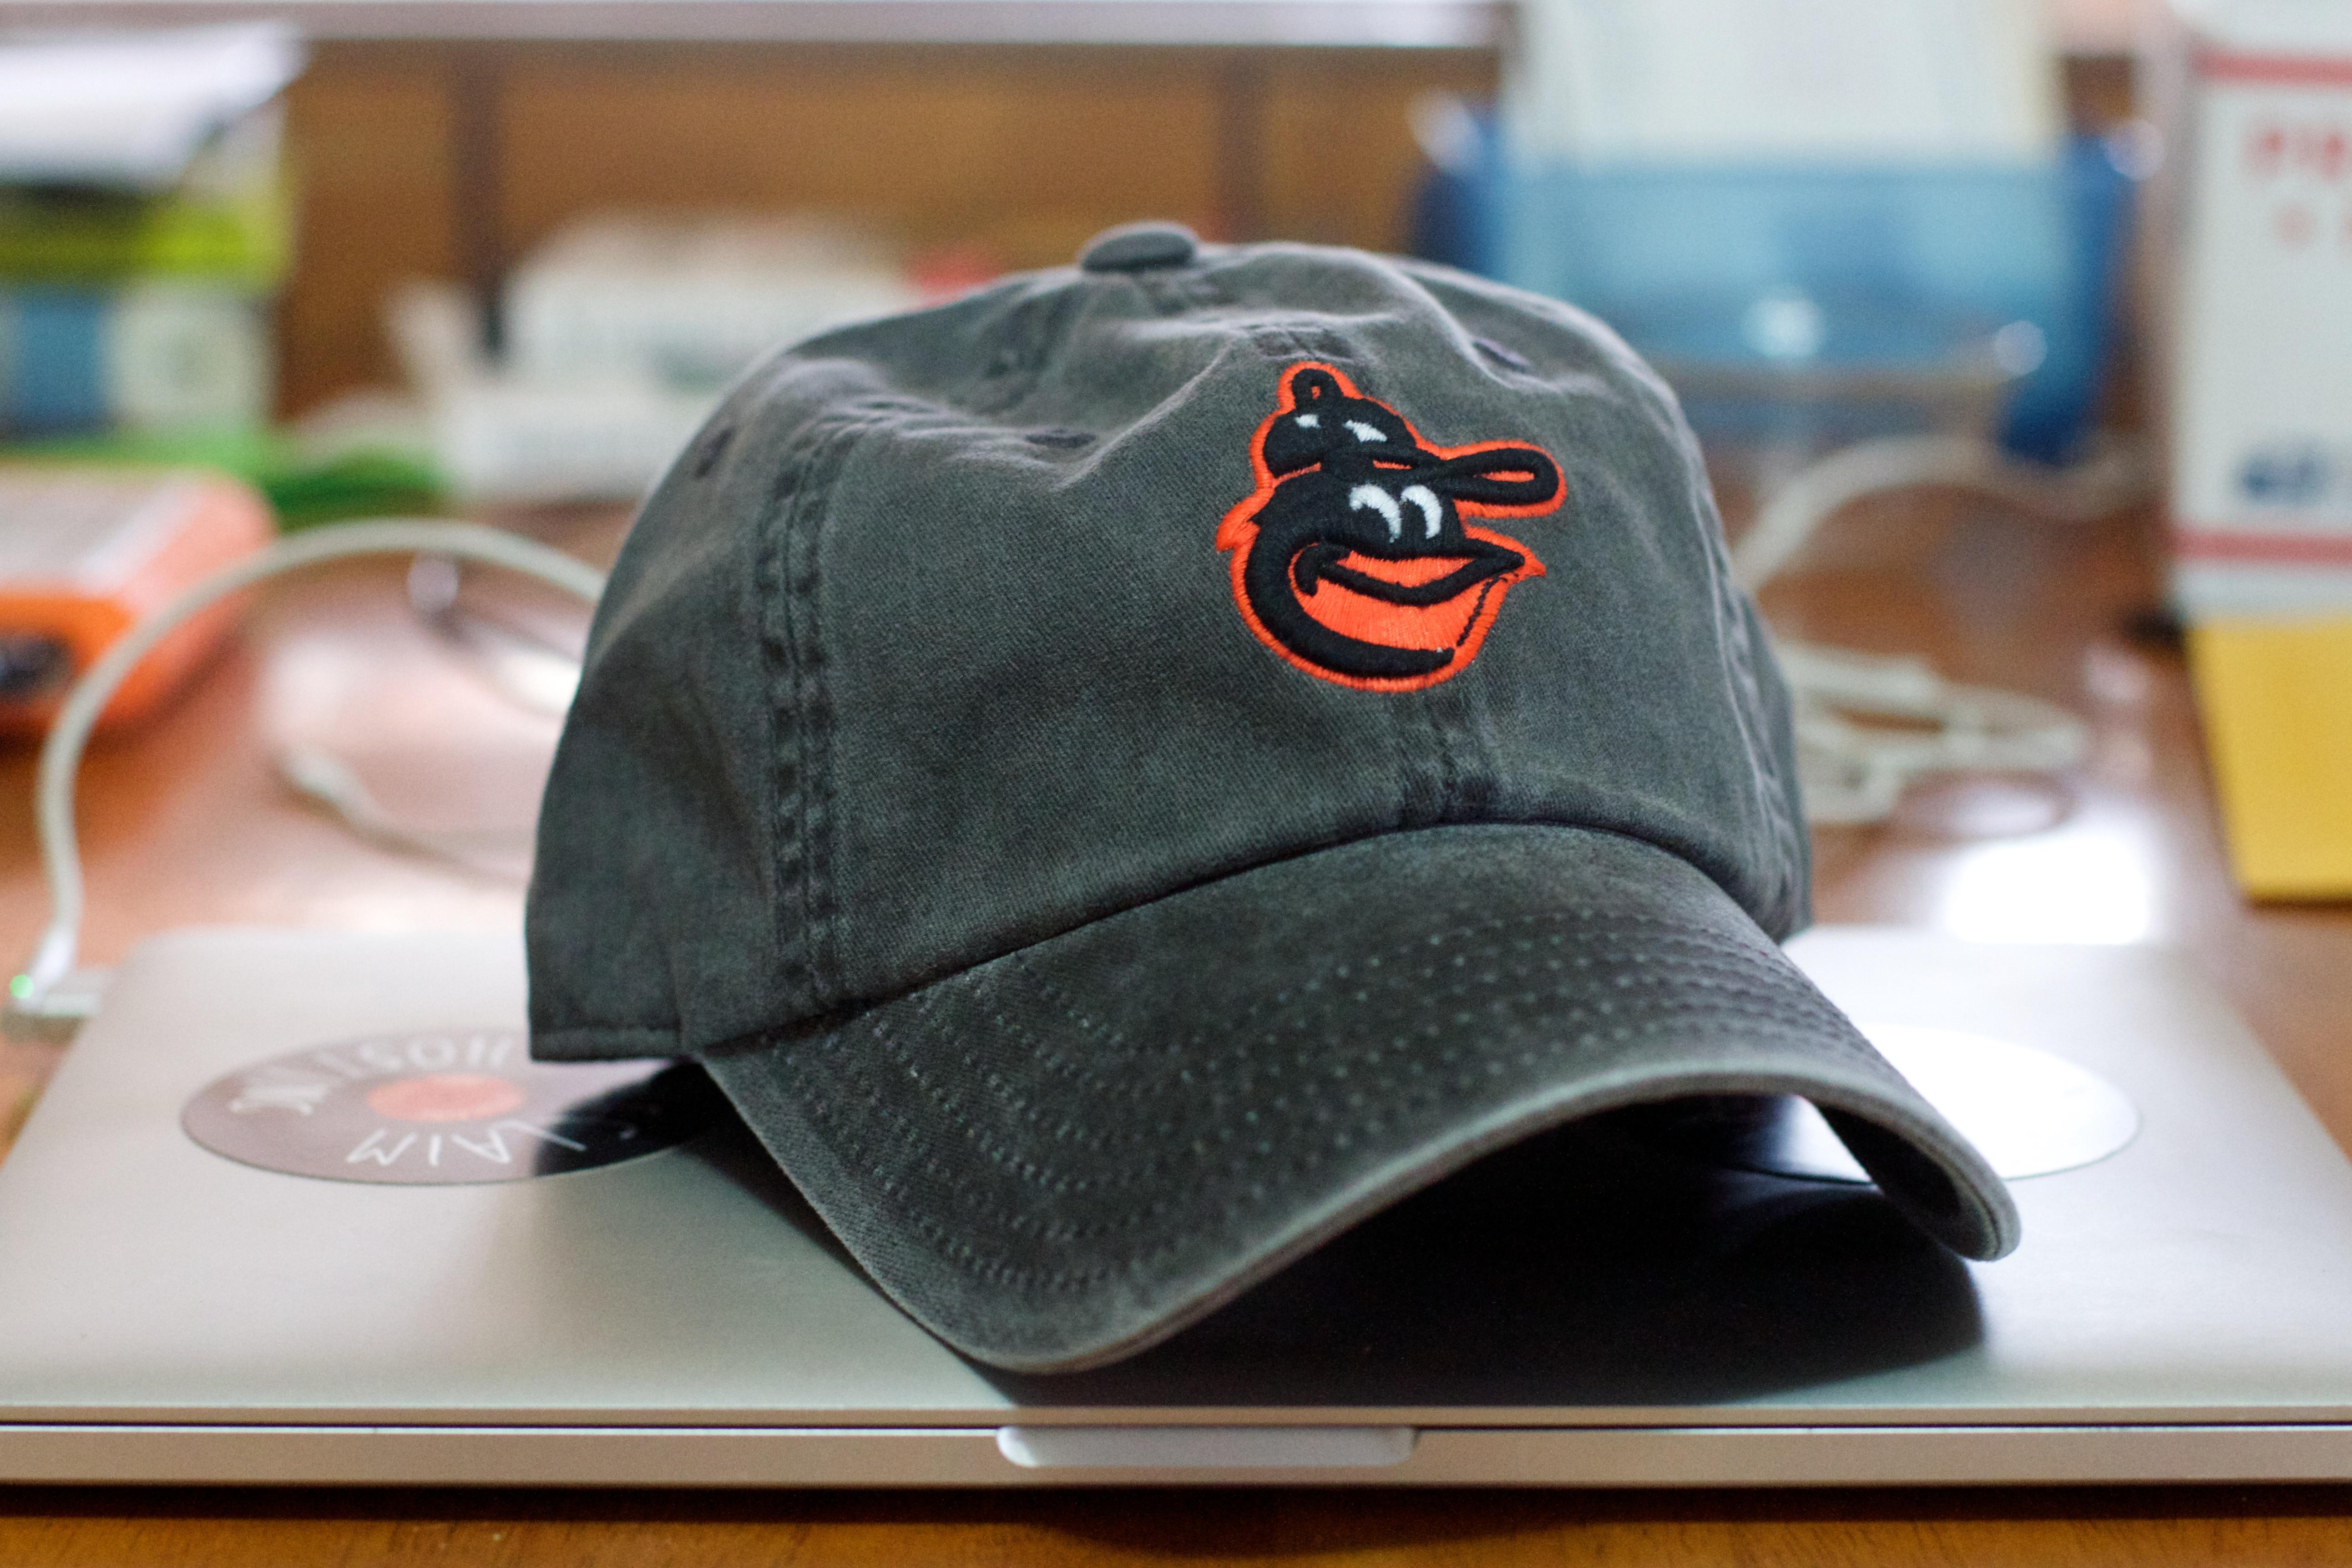 Gambar Pakaian Hitam Penutup Kepala Topi Baseball Seni Desain Sendiri